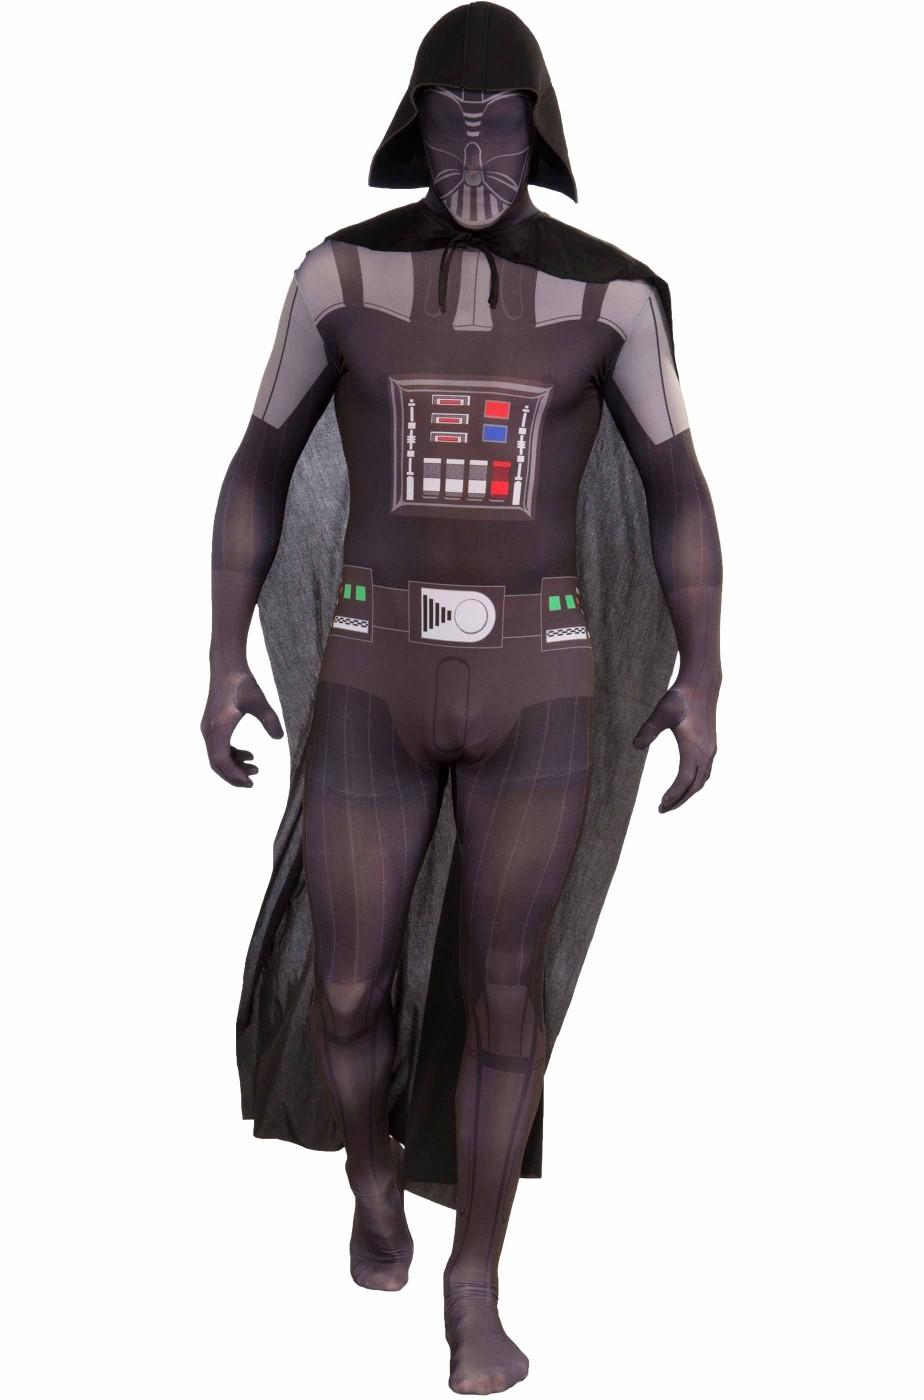 Costume di Darth Vader Star Wars 2nd skin morphsuit